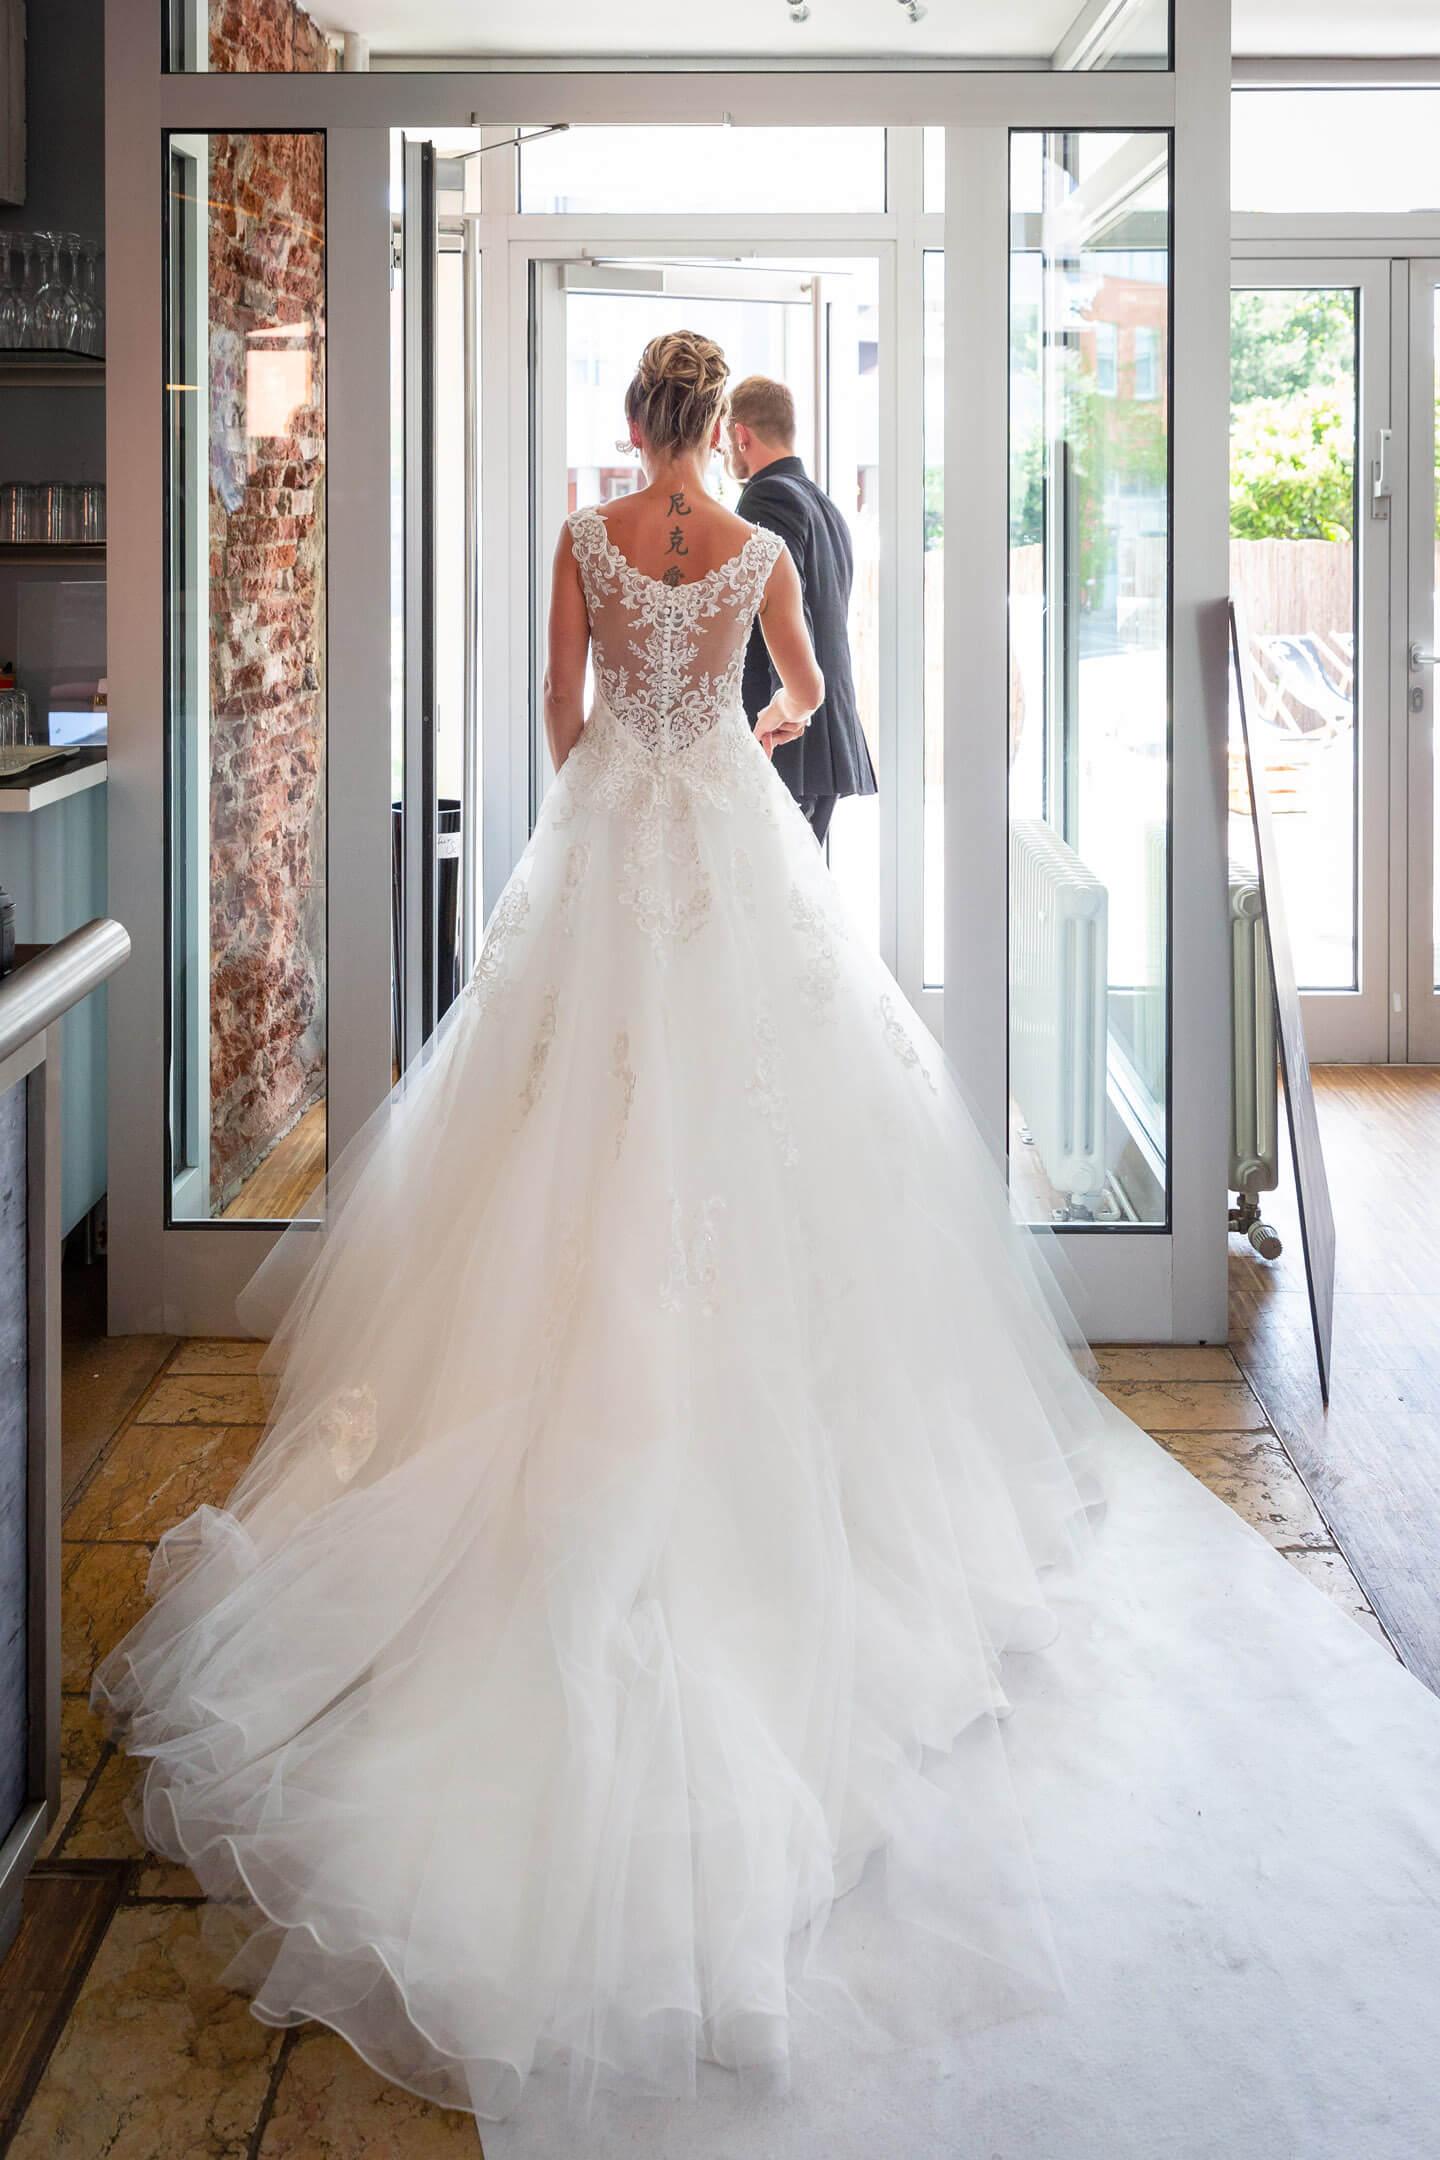 Ausschreiten des Hochzeitspaars nach der freien Trauung im Endorphin Eventkontor